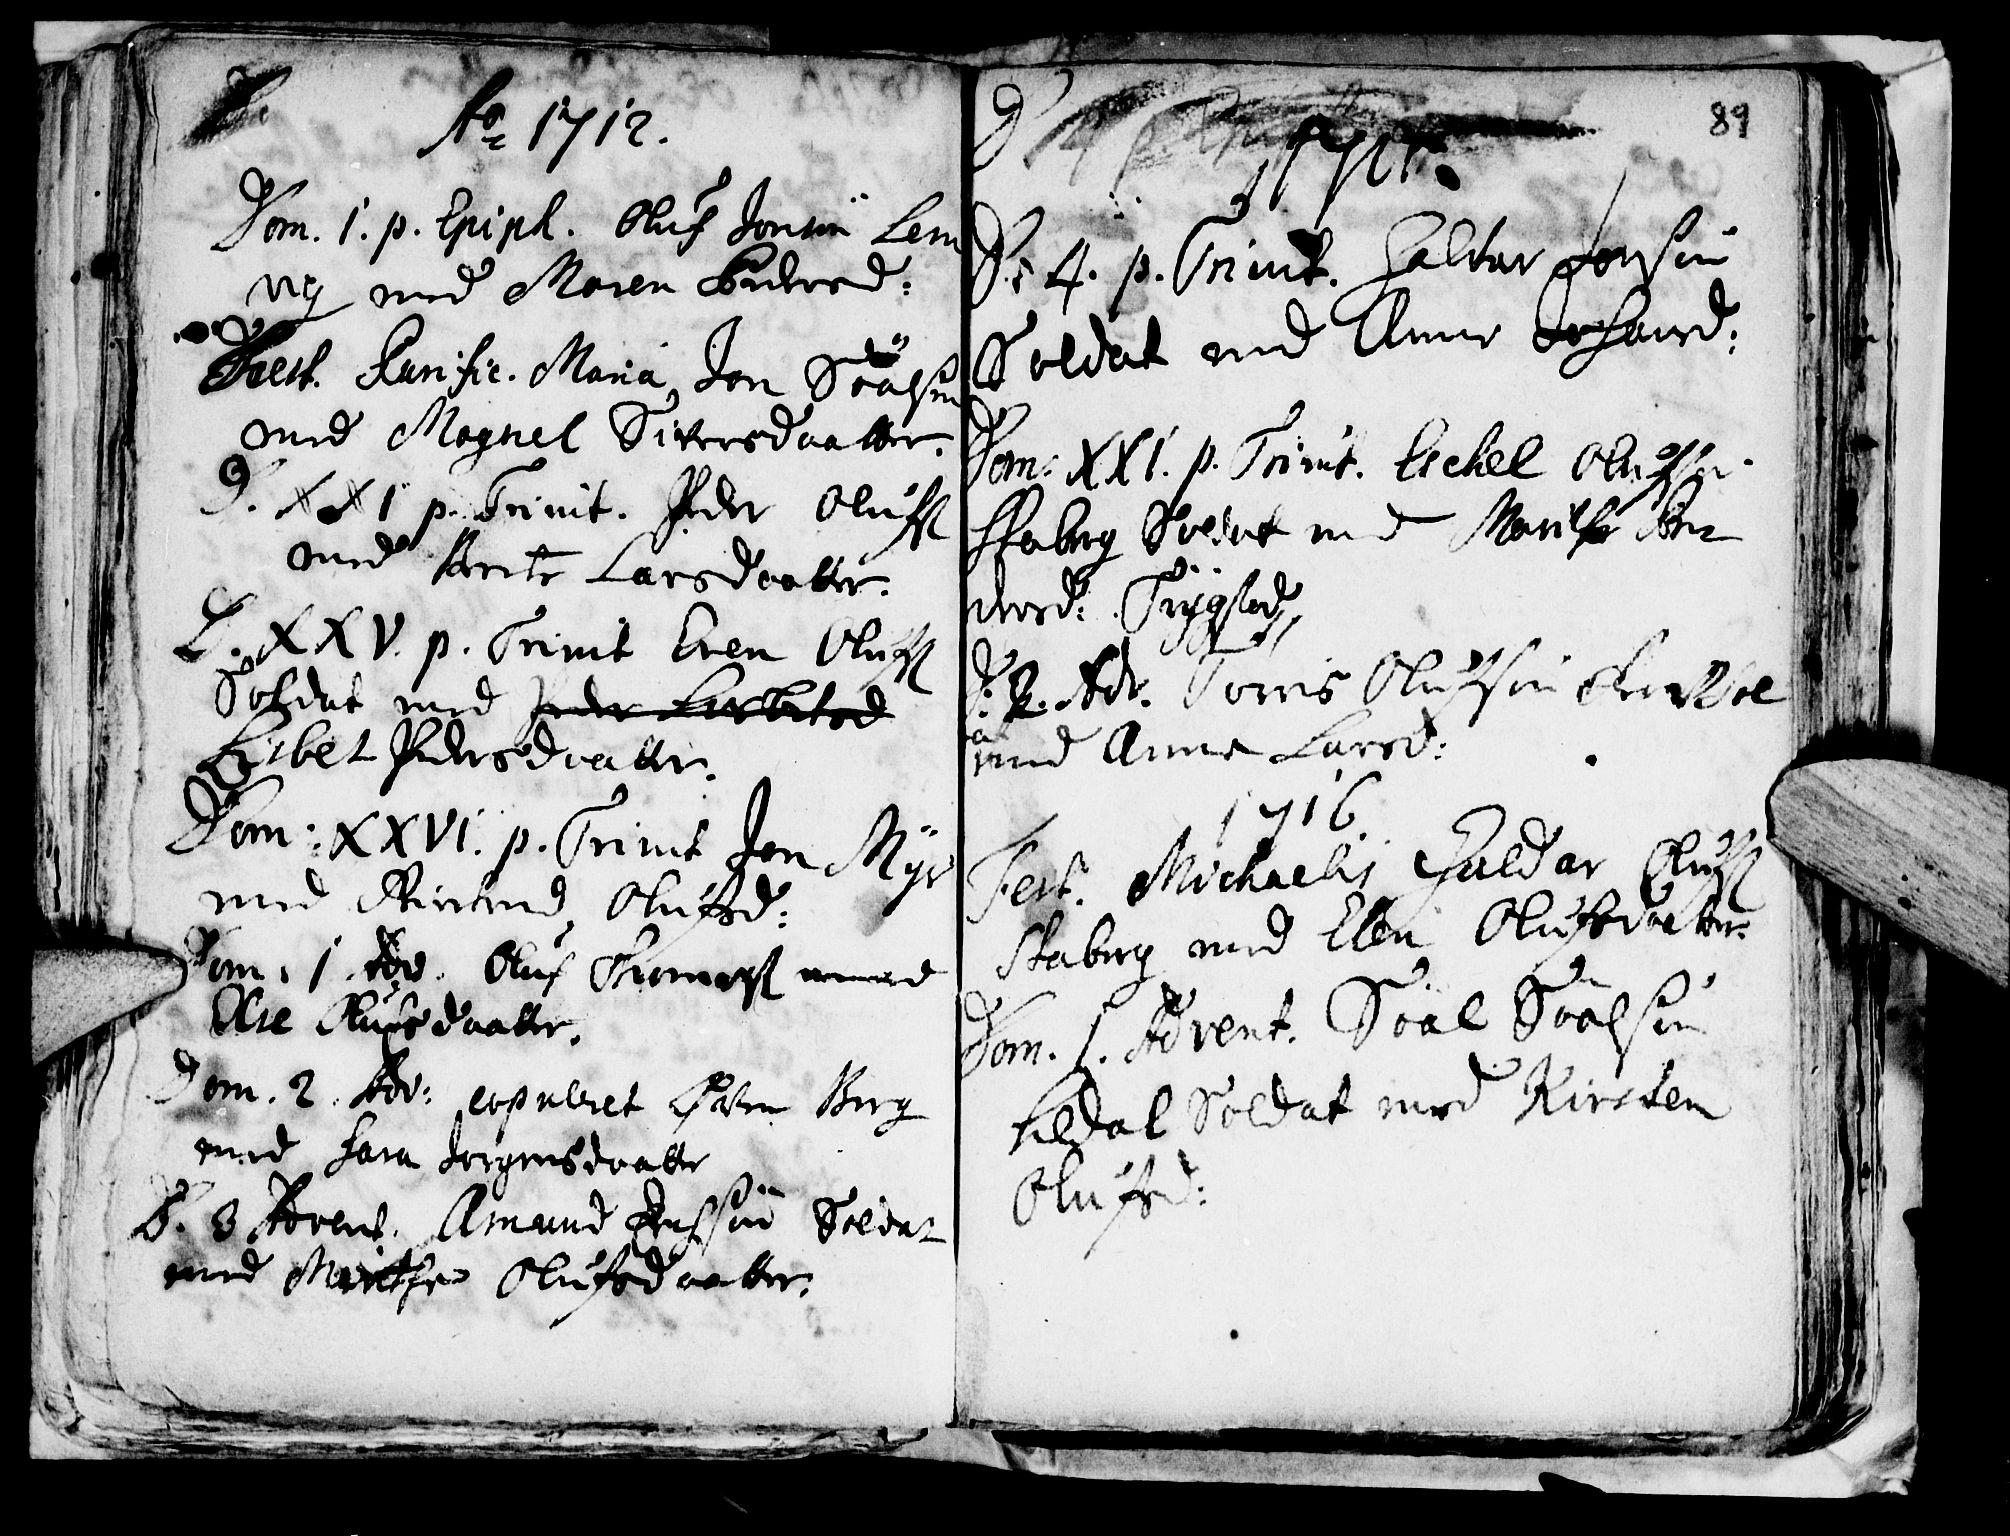 SAT, Ministerialprotokoller, klokkerbøker og fødselsregistre - Nord-Trøndelag, 722/L0214: Ministerialbok nr. 722A01, 1692-1718, s. 89